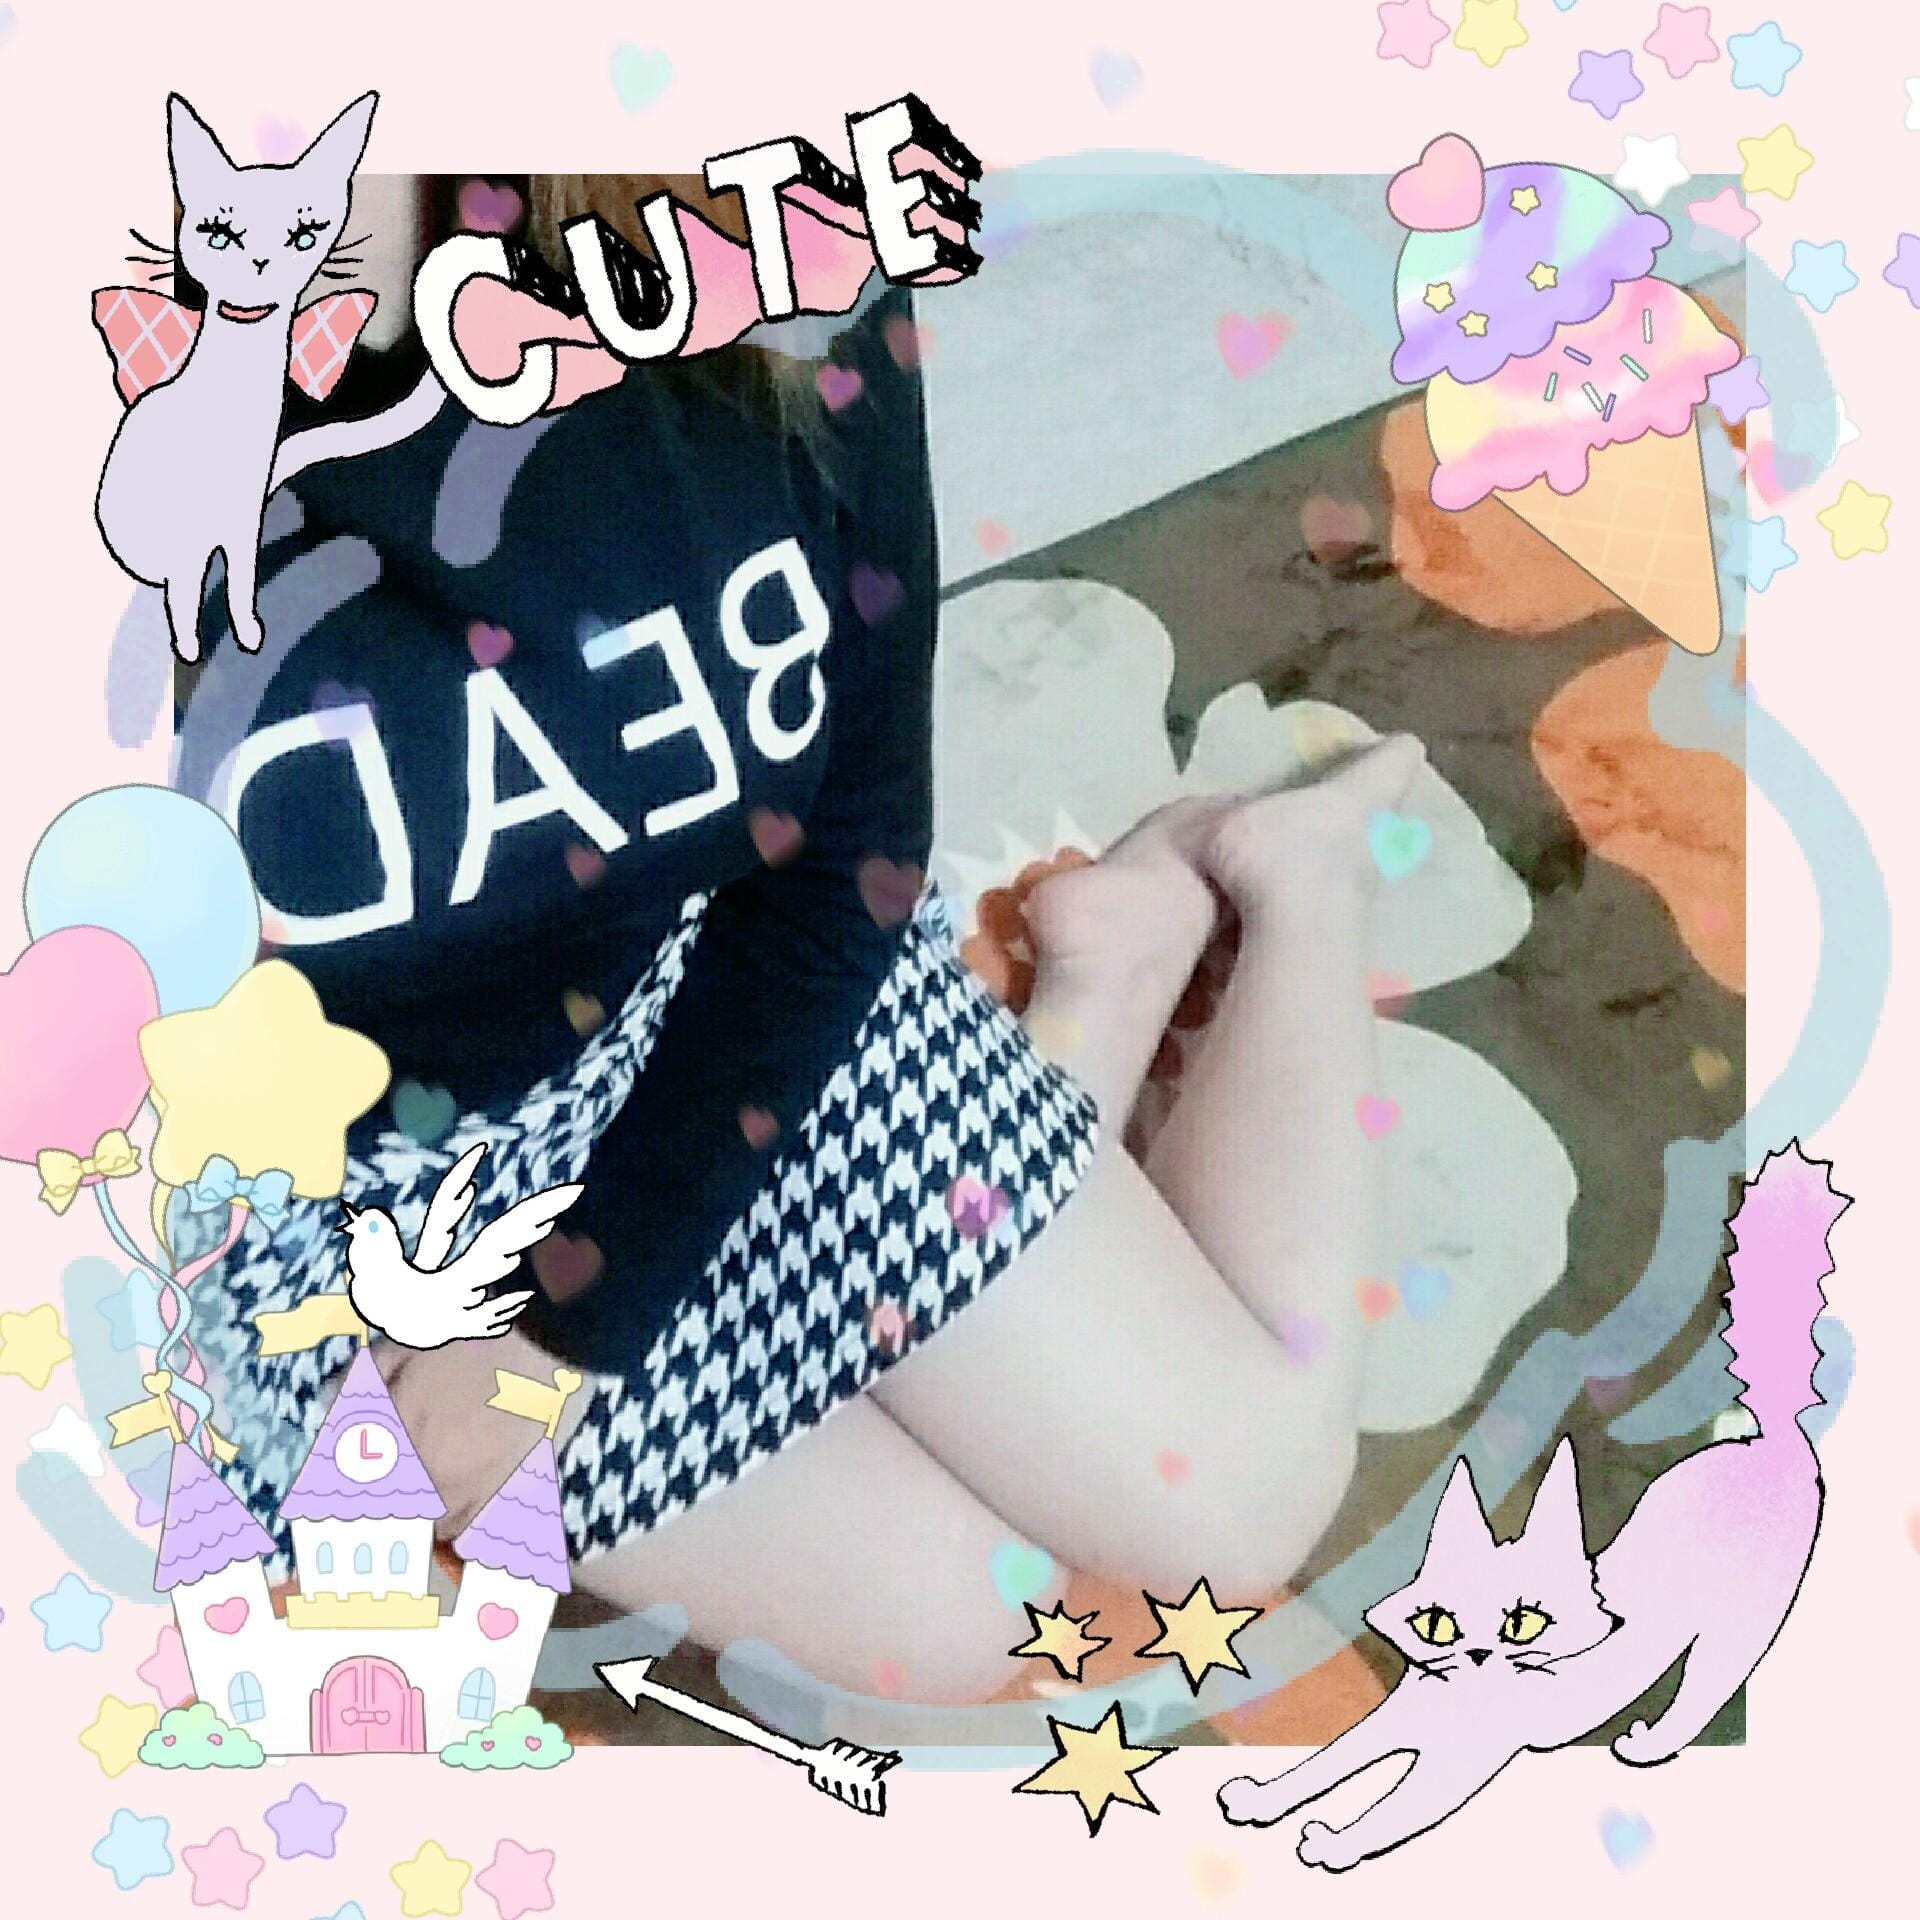 「ビジネスホテル様」01/20(日) 02:20 | ミセス☆おとねの写メ・風俗動画